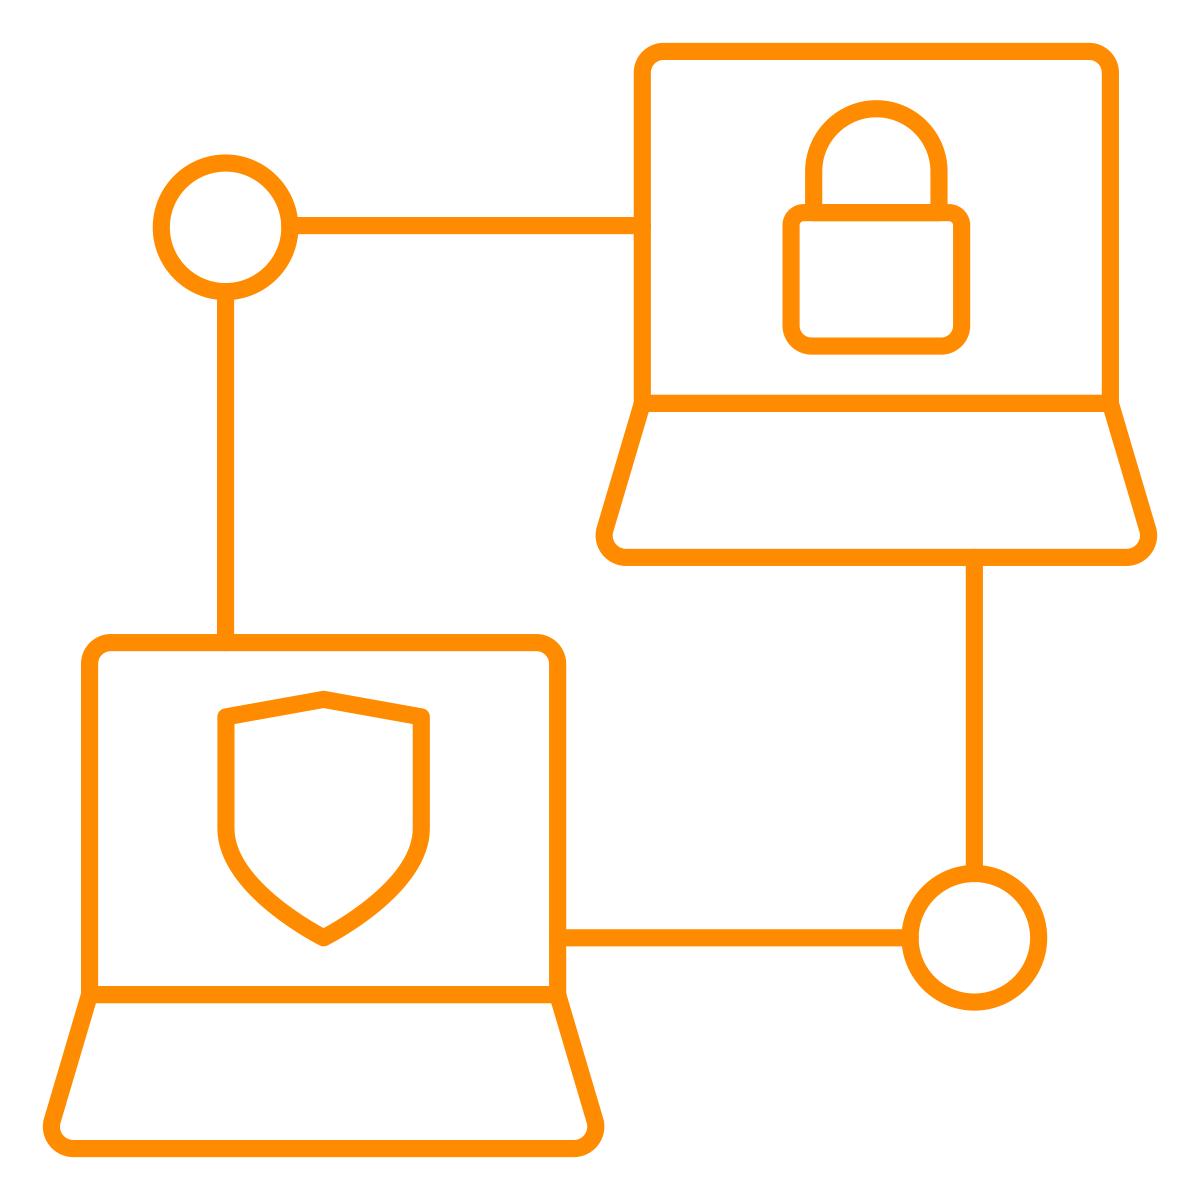 noun_secure_1843881_ff8b00.png